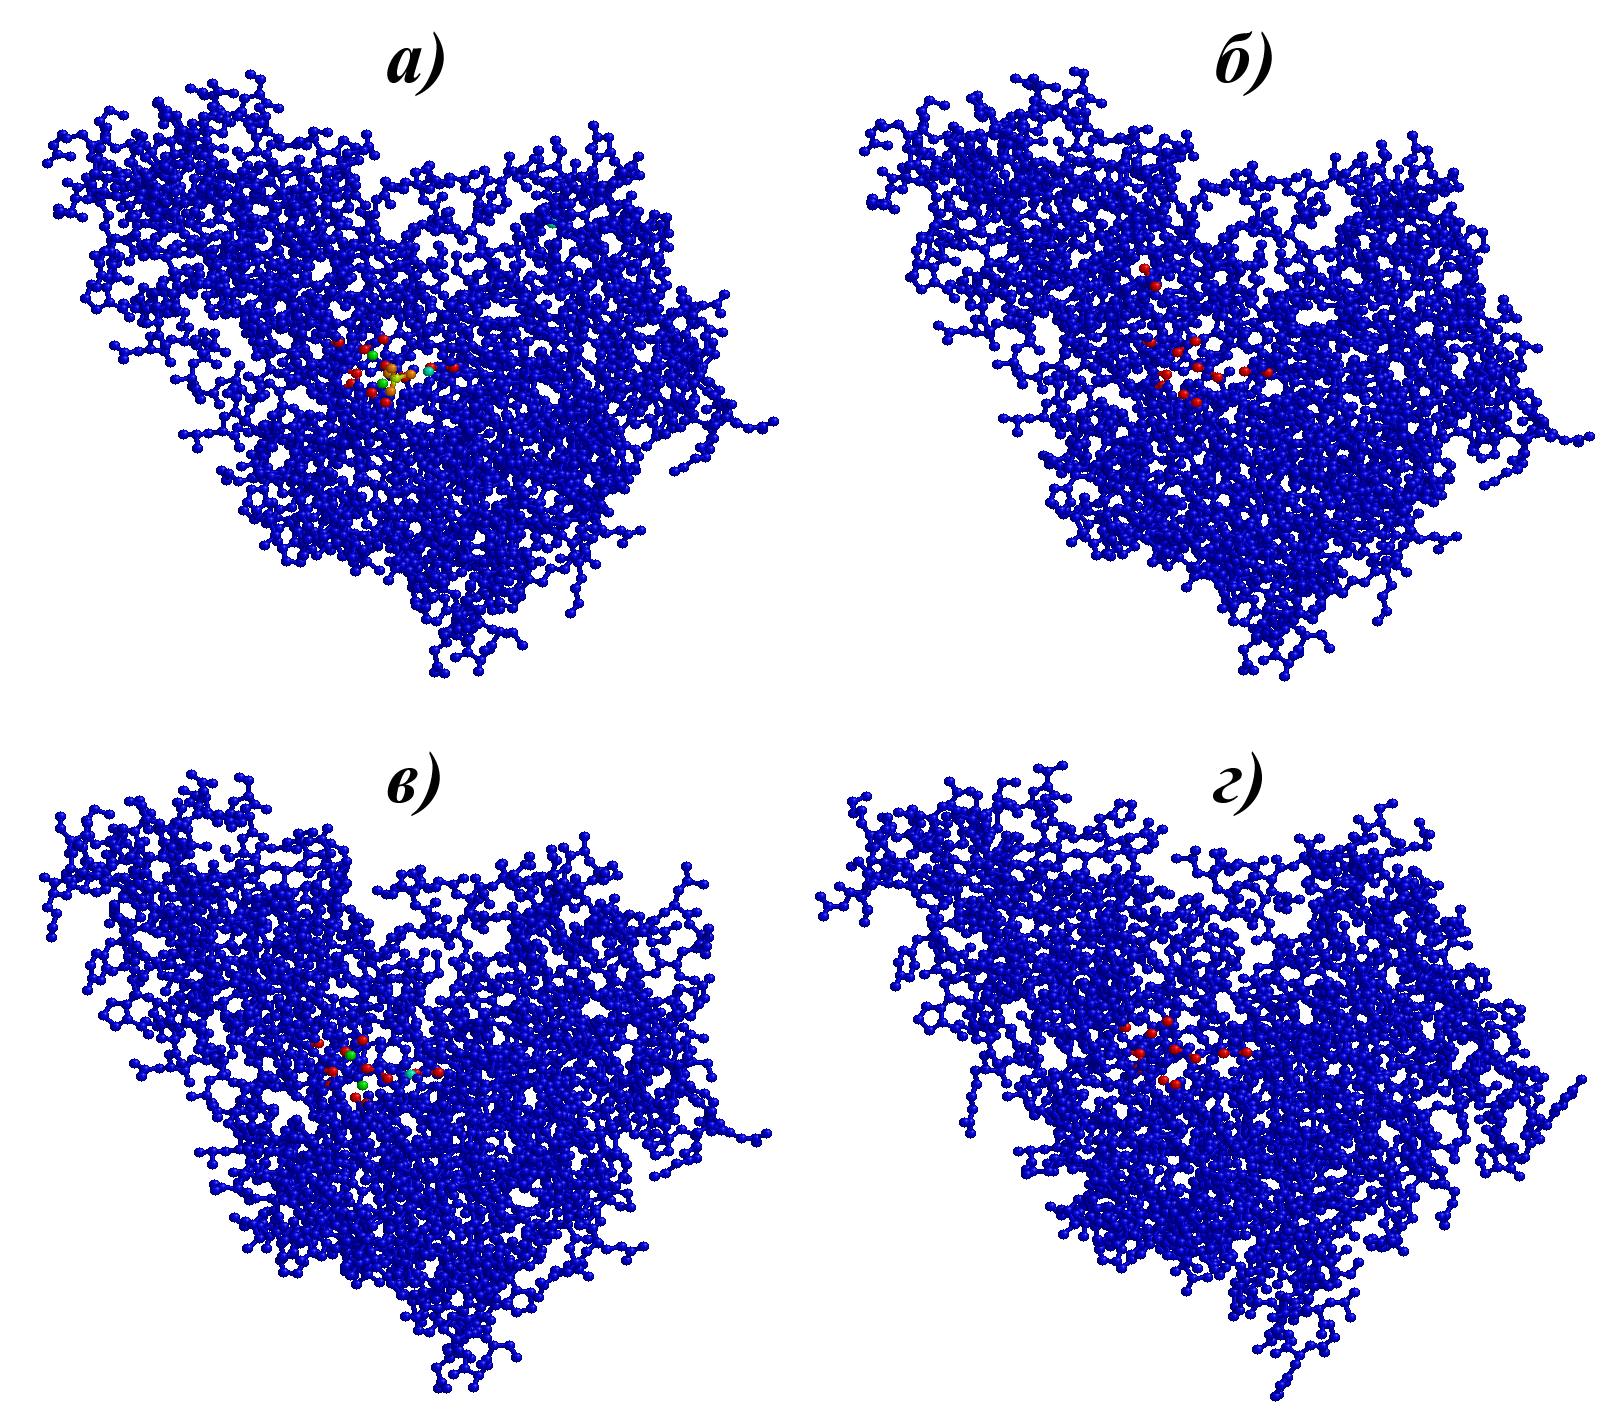 Влияние ионов марганца (II) на активность щелочной фосфатазы в сыворотке крови человека Рисунок 1